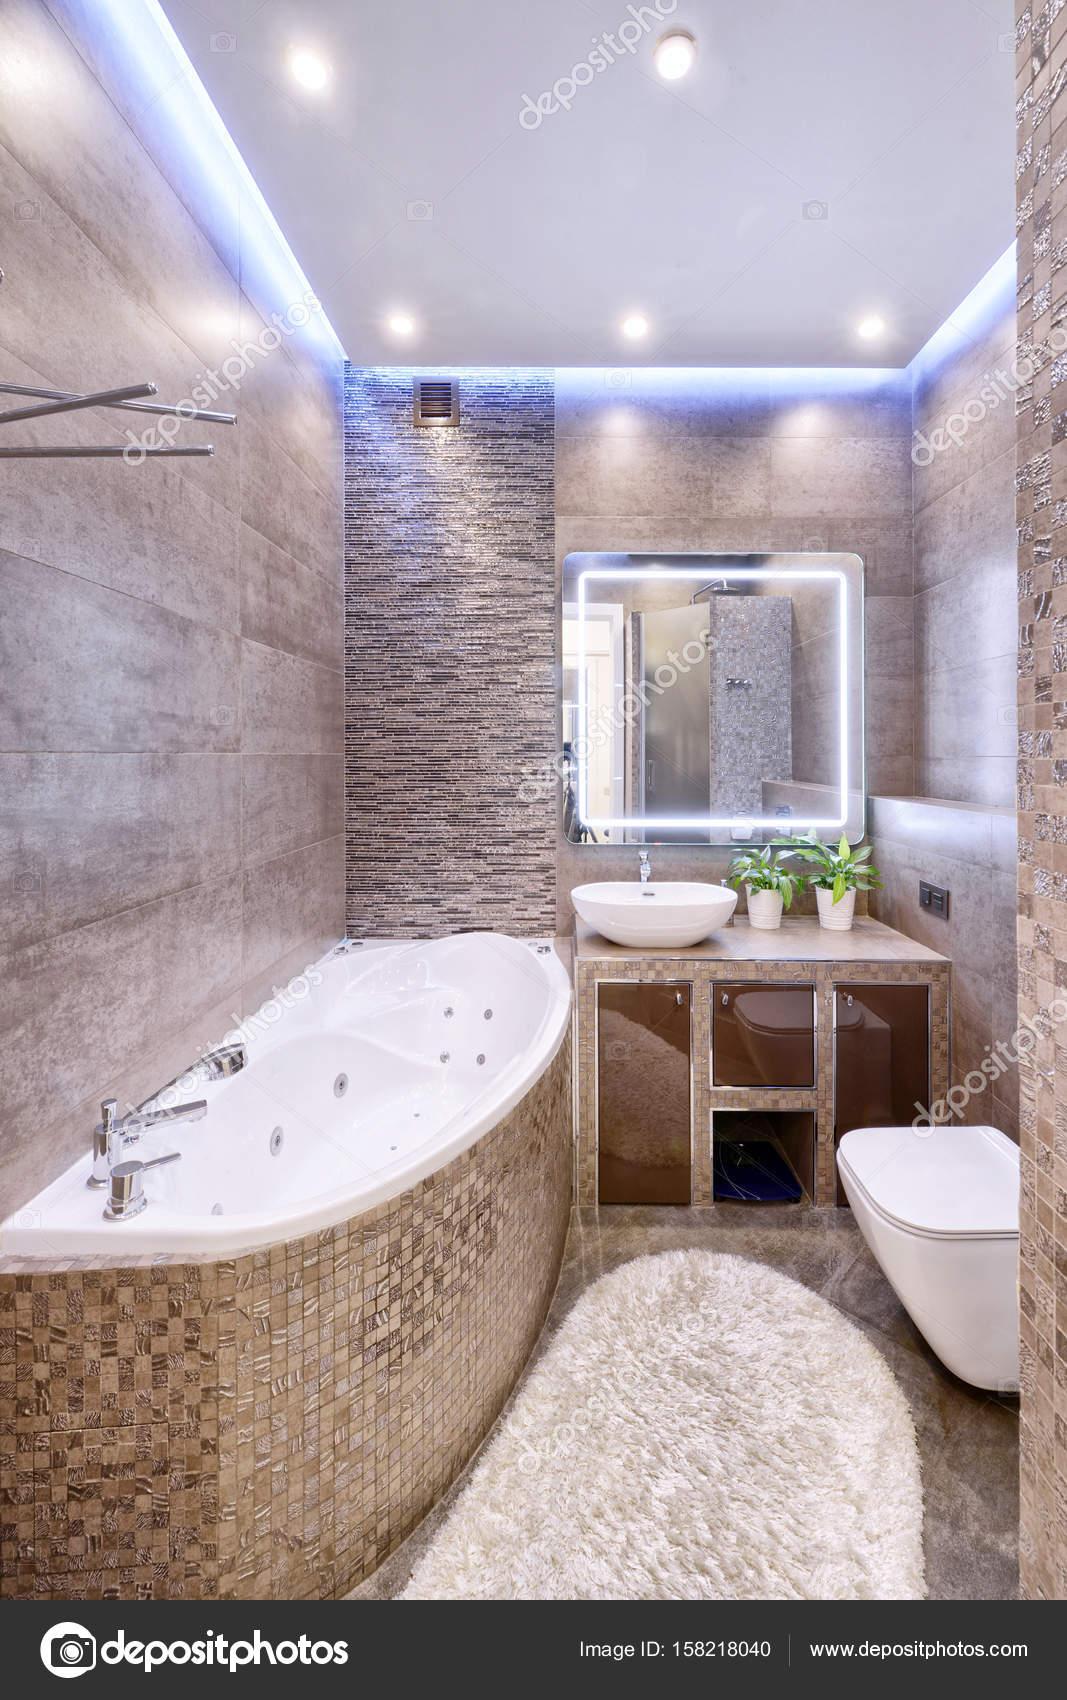 Interior Design Stilvolle Badezimmer Luxus Haus U2014 Stockfoto